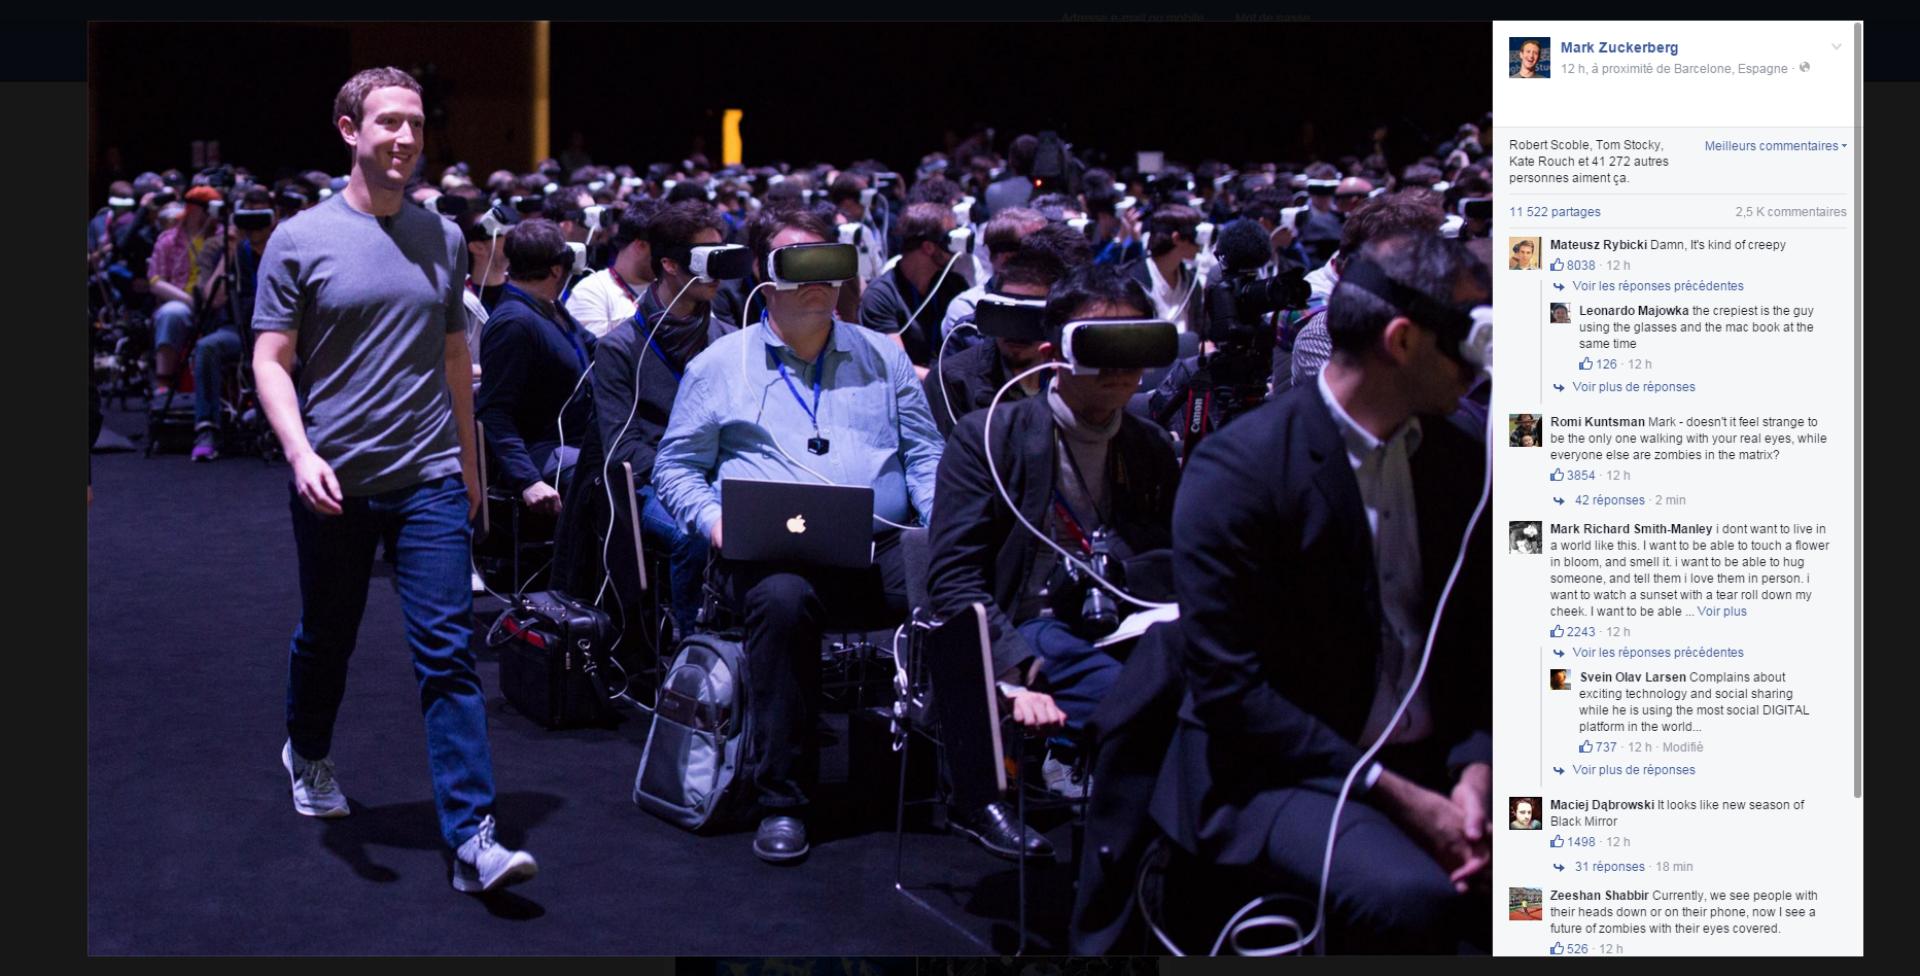 La photo publiée par Mark Zuckerberg après son allocution à la conférence de Samsung au Mobile World Congress de Barcelone, le 21 février.